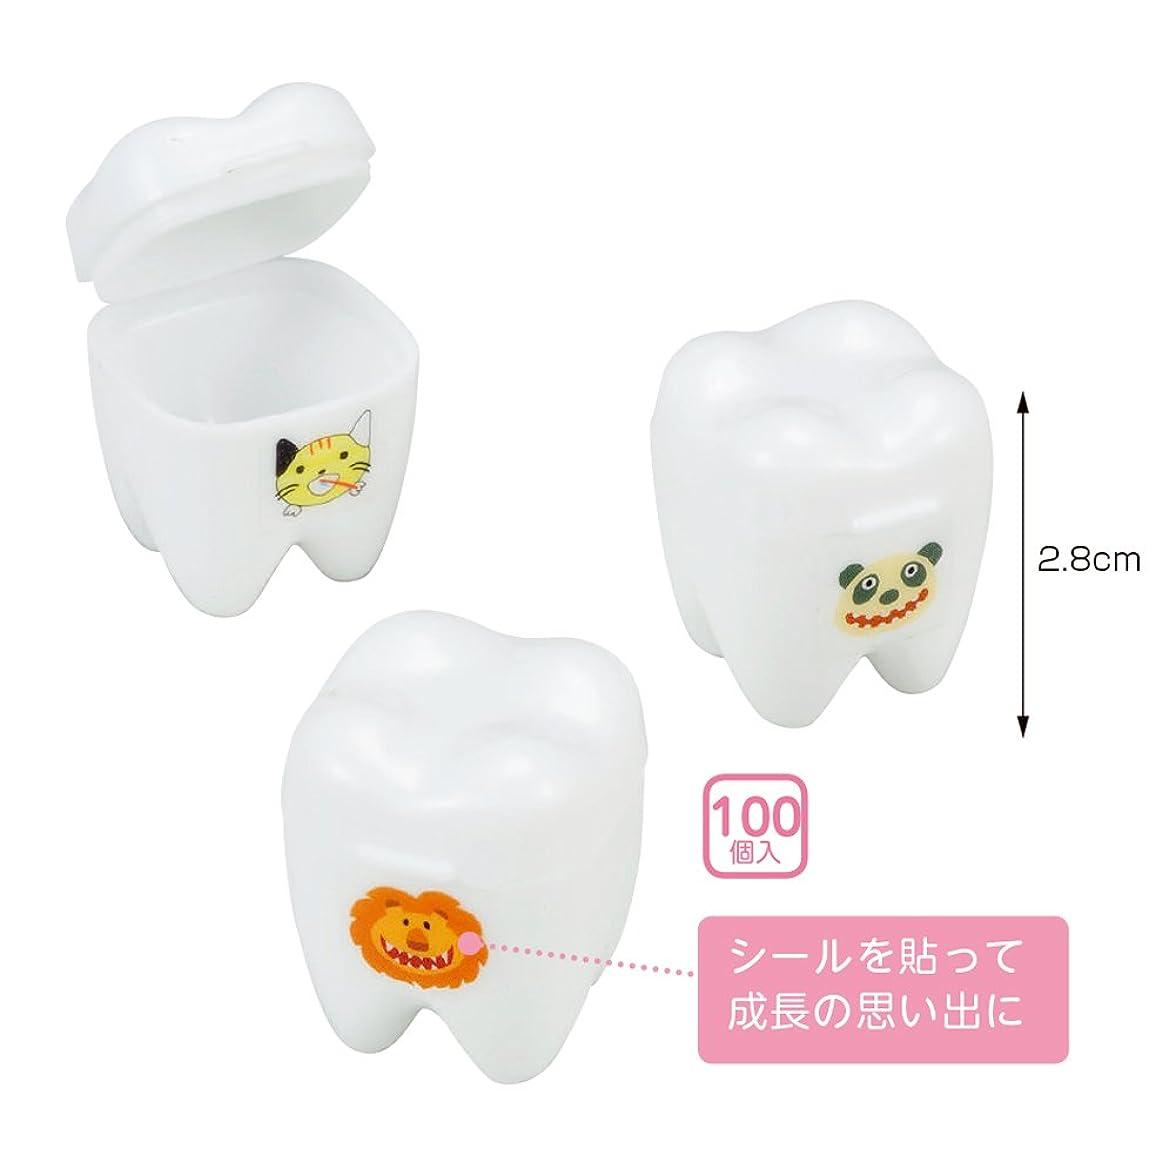 倒産大脳レクリエーション乳歯保存ケース 抜けた乳歯のメモリーケース(100個入)